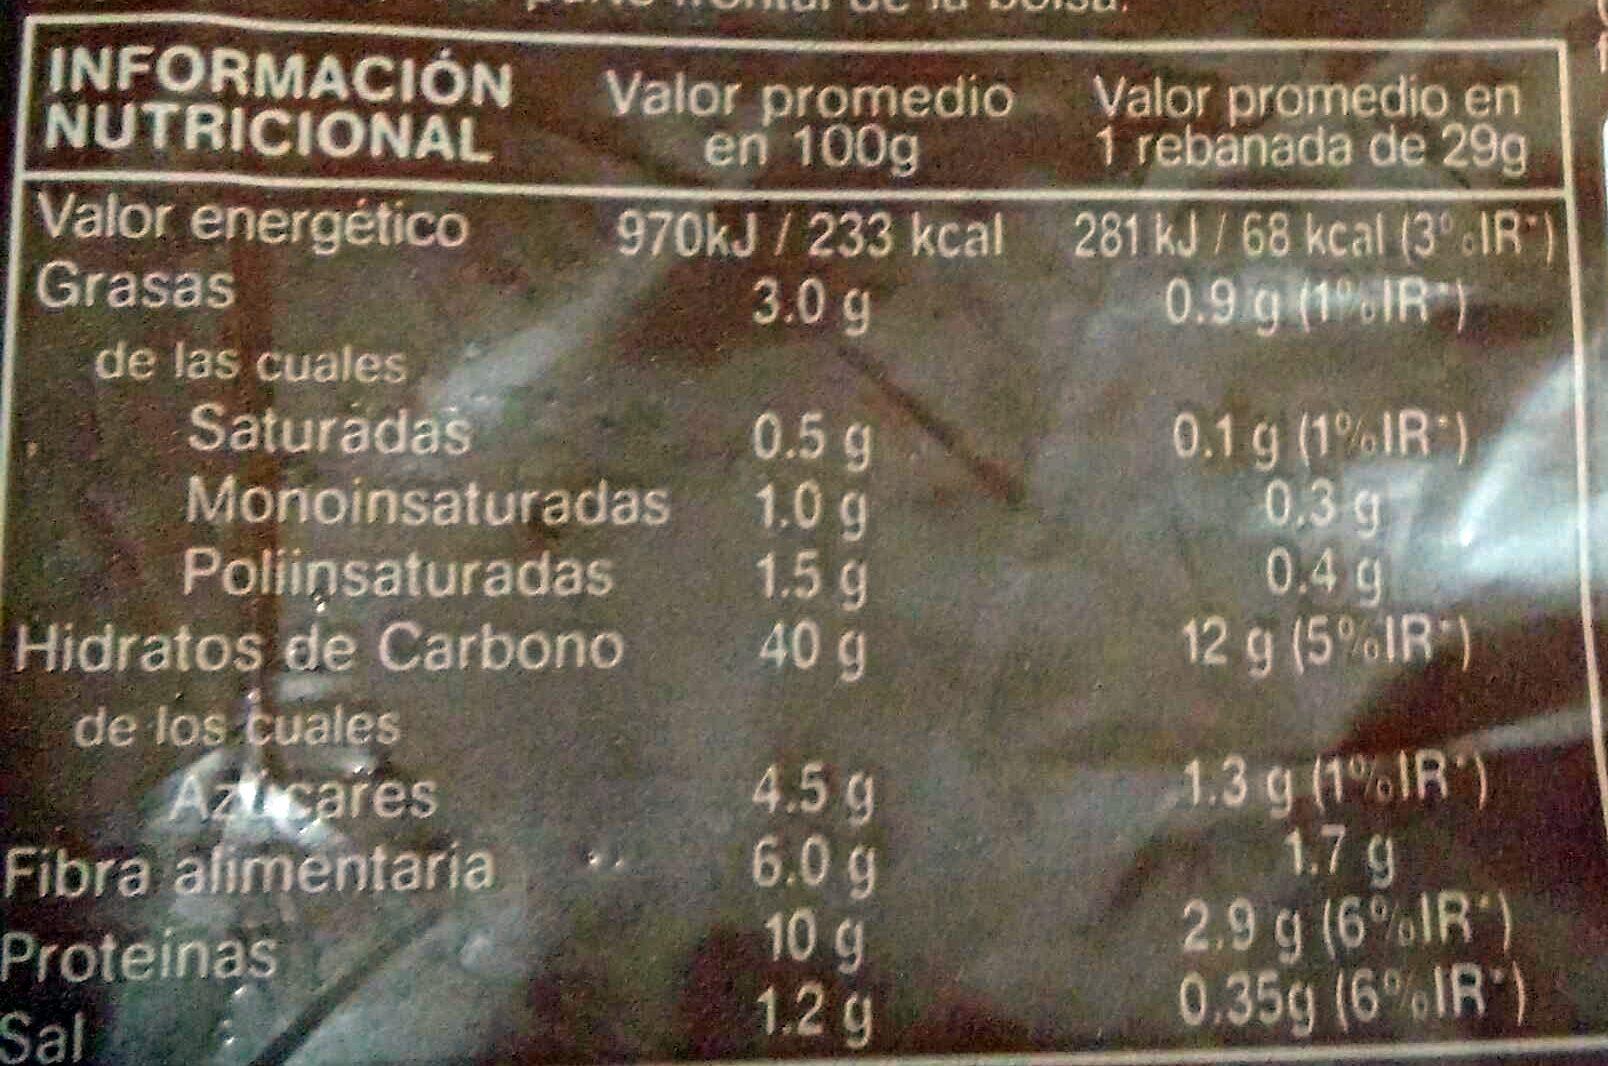 Pan de molde integral - Información nutricional - es